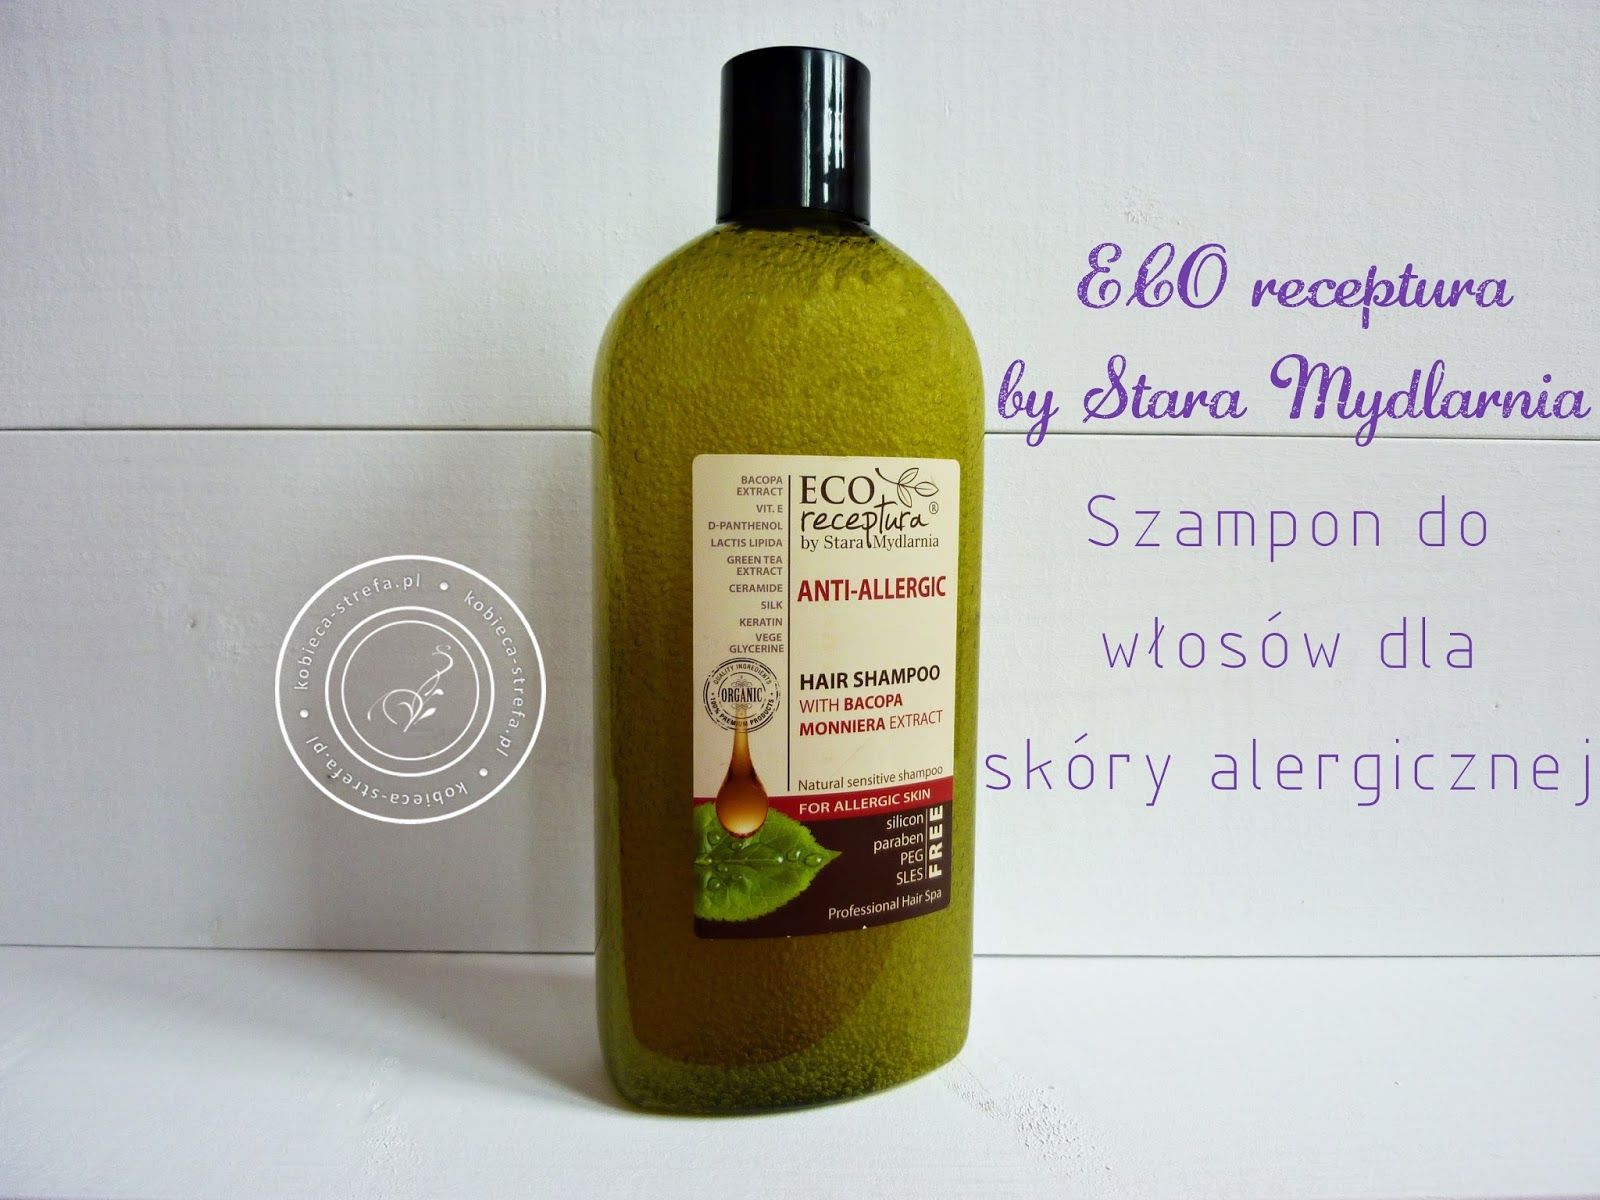 Szampon do włosów dla skóry alergicznej - ECO Receptura by Stara Mydlarnia